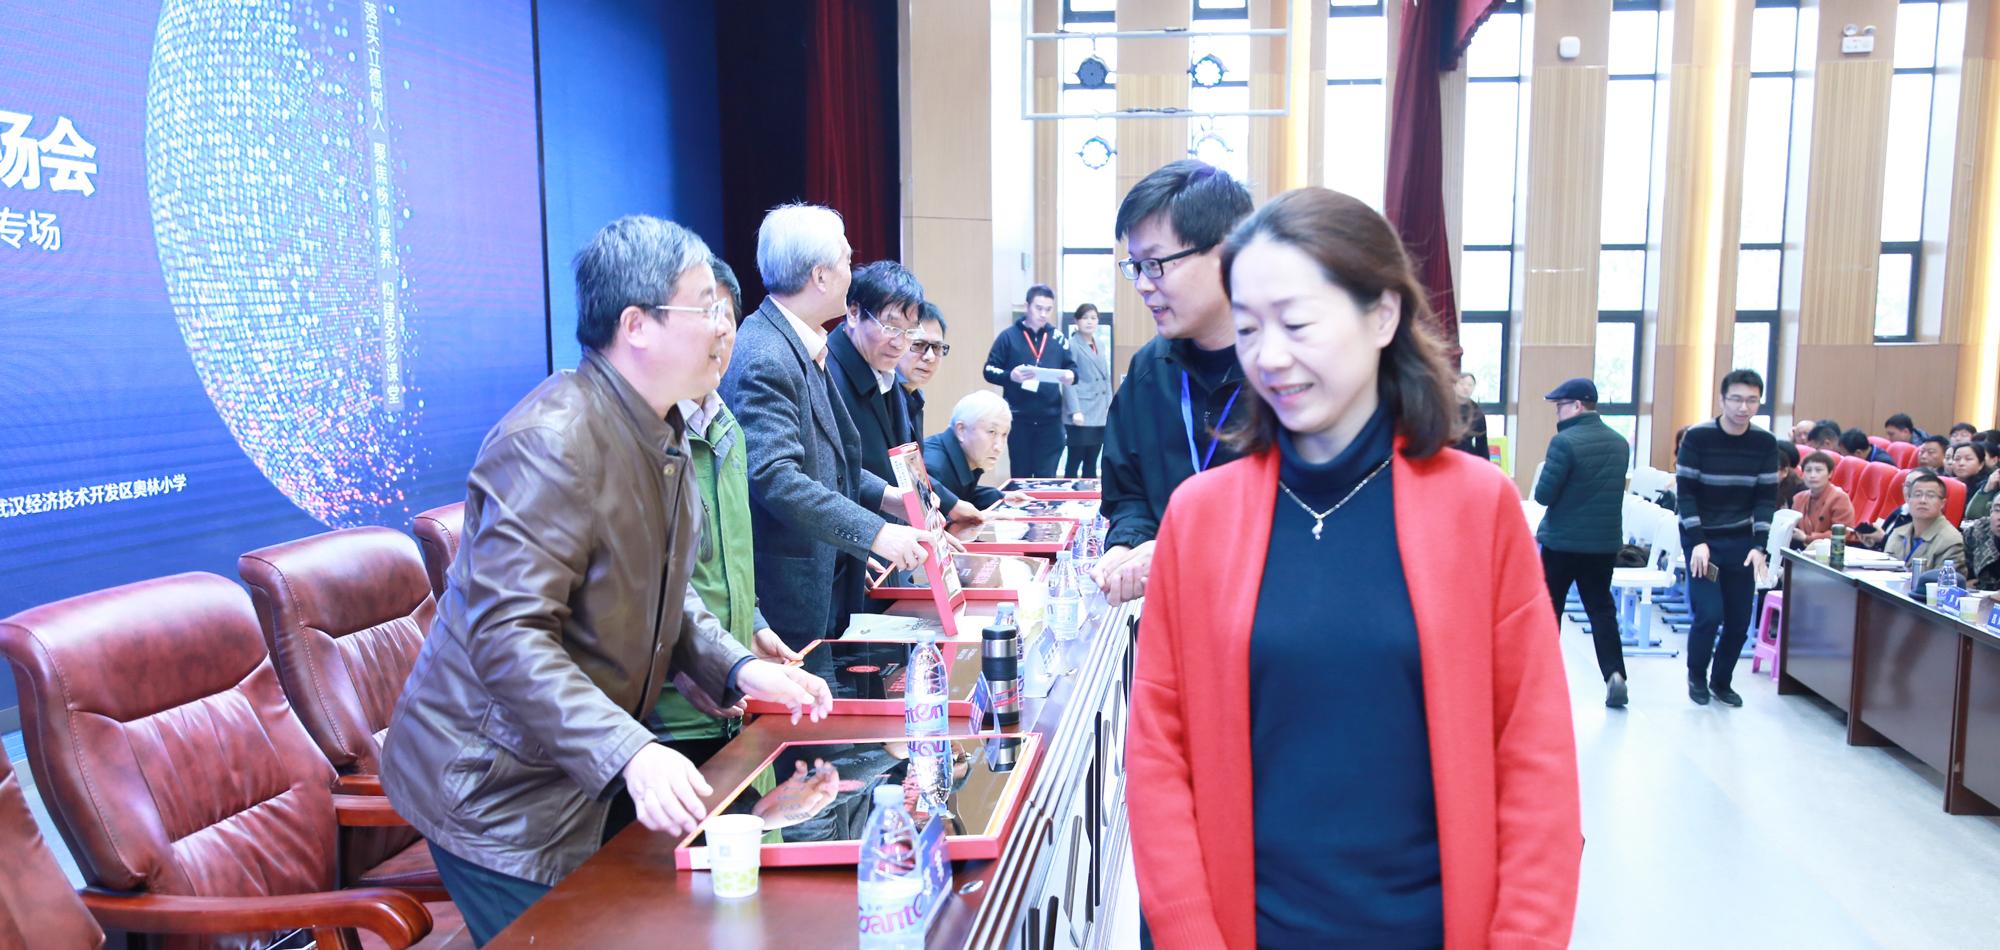 开幕式上还为新加入联盟的理事单位和理事颁发了牌匾和聘书。